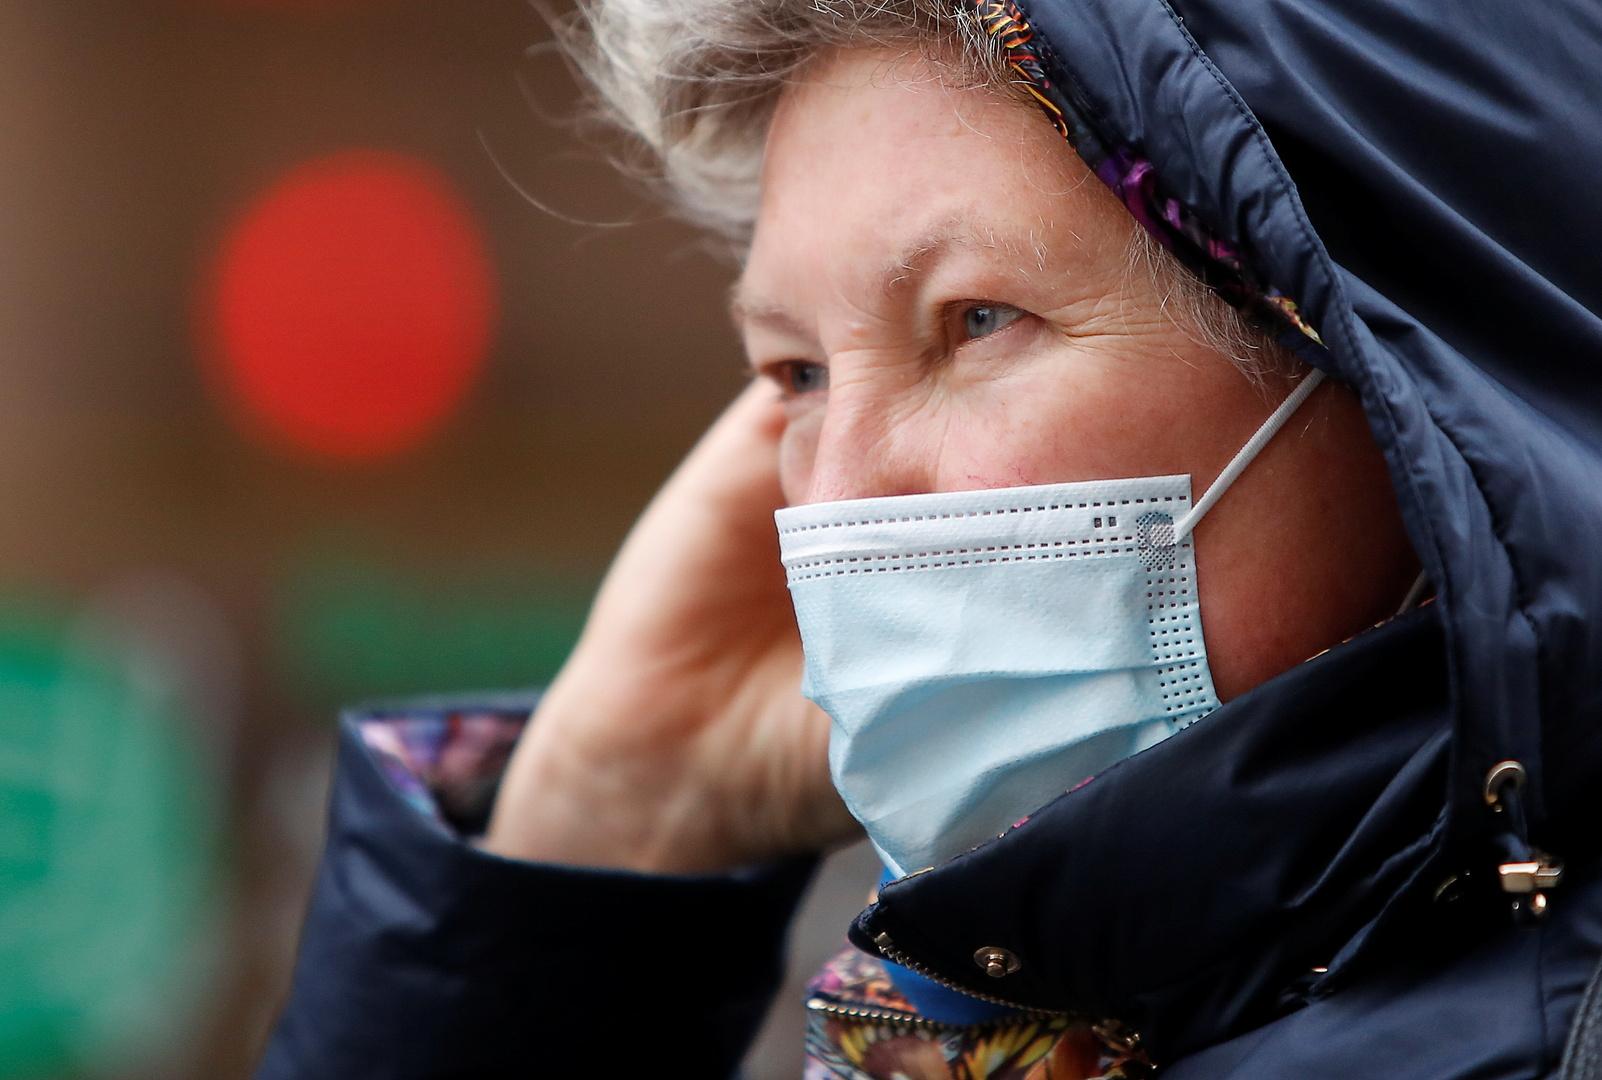 موسكو.. إلغاء العزل الصحي للأشخاص الذين تزيد أعمارهم عن 65 عاما